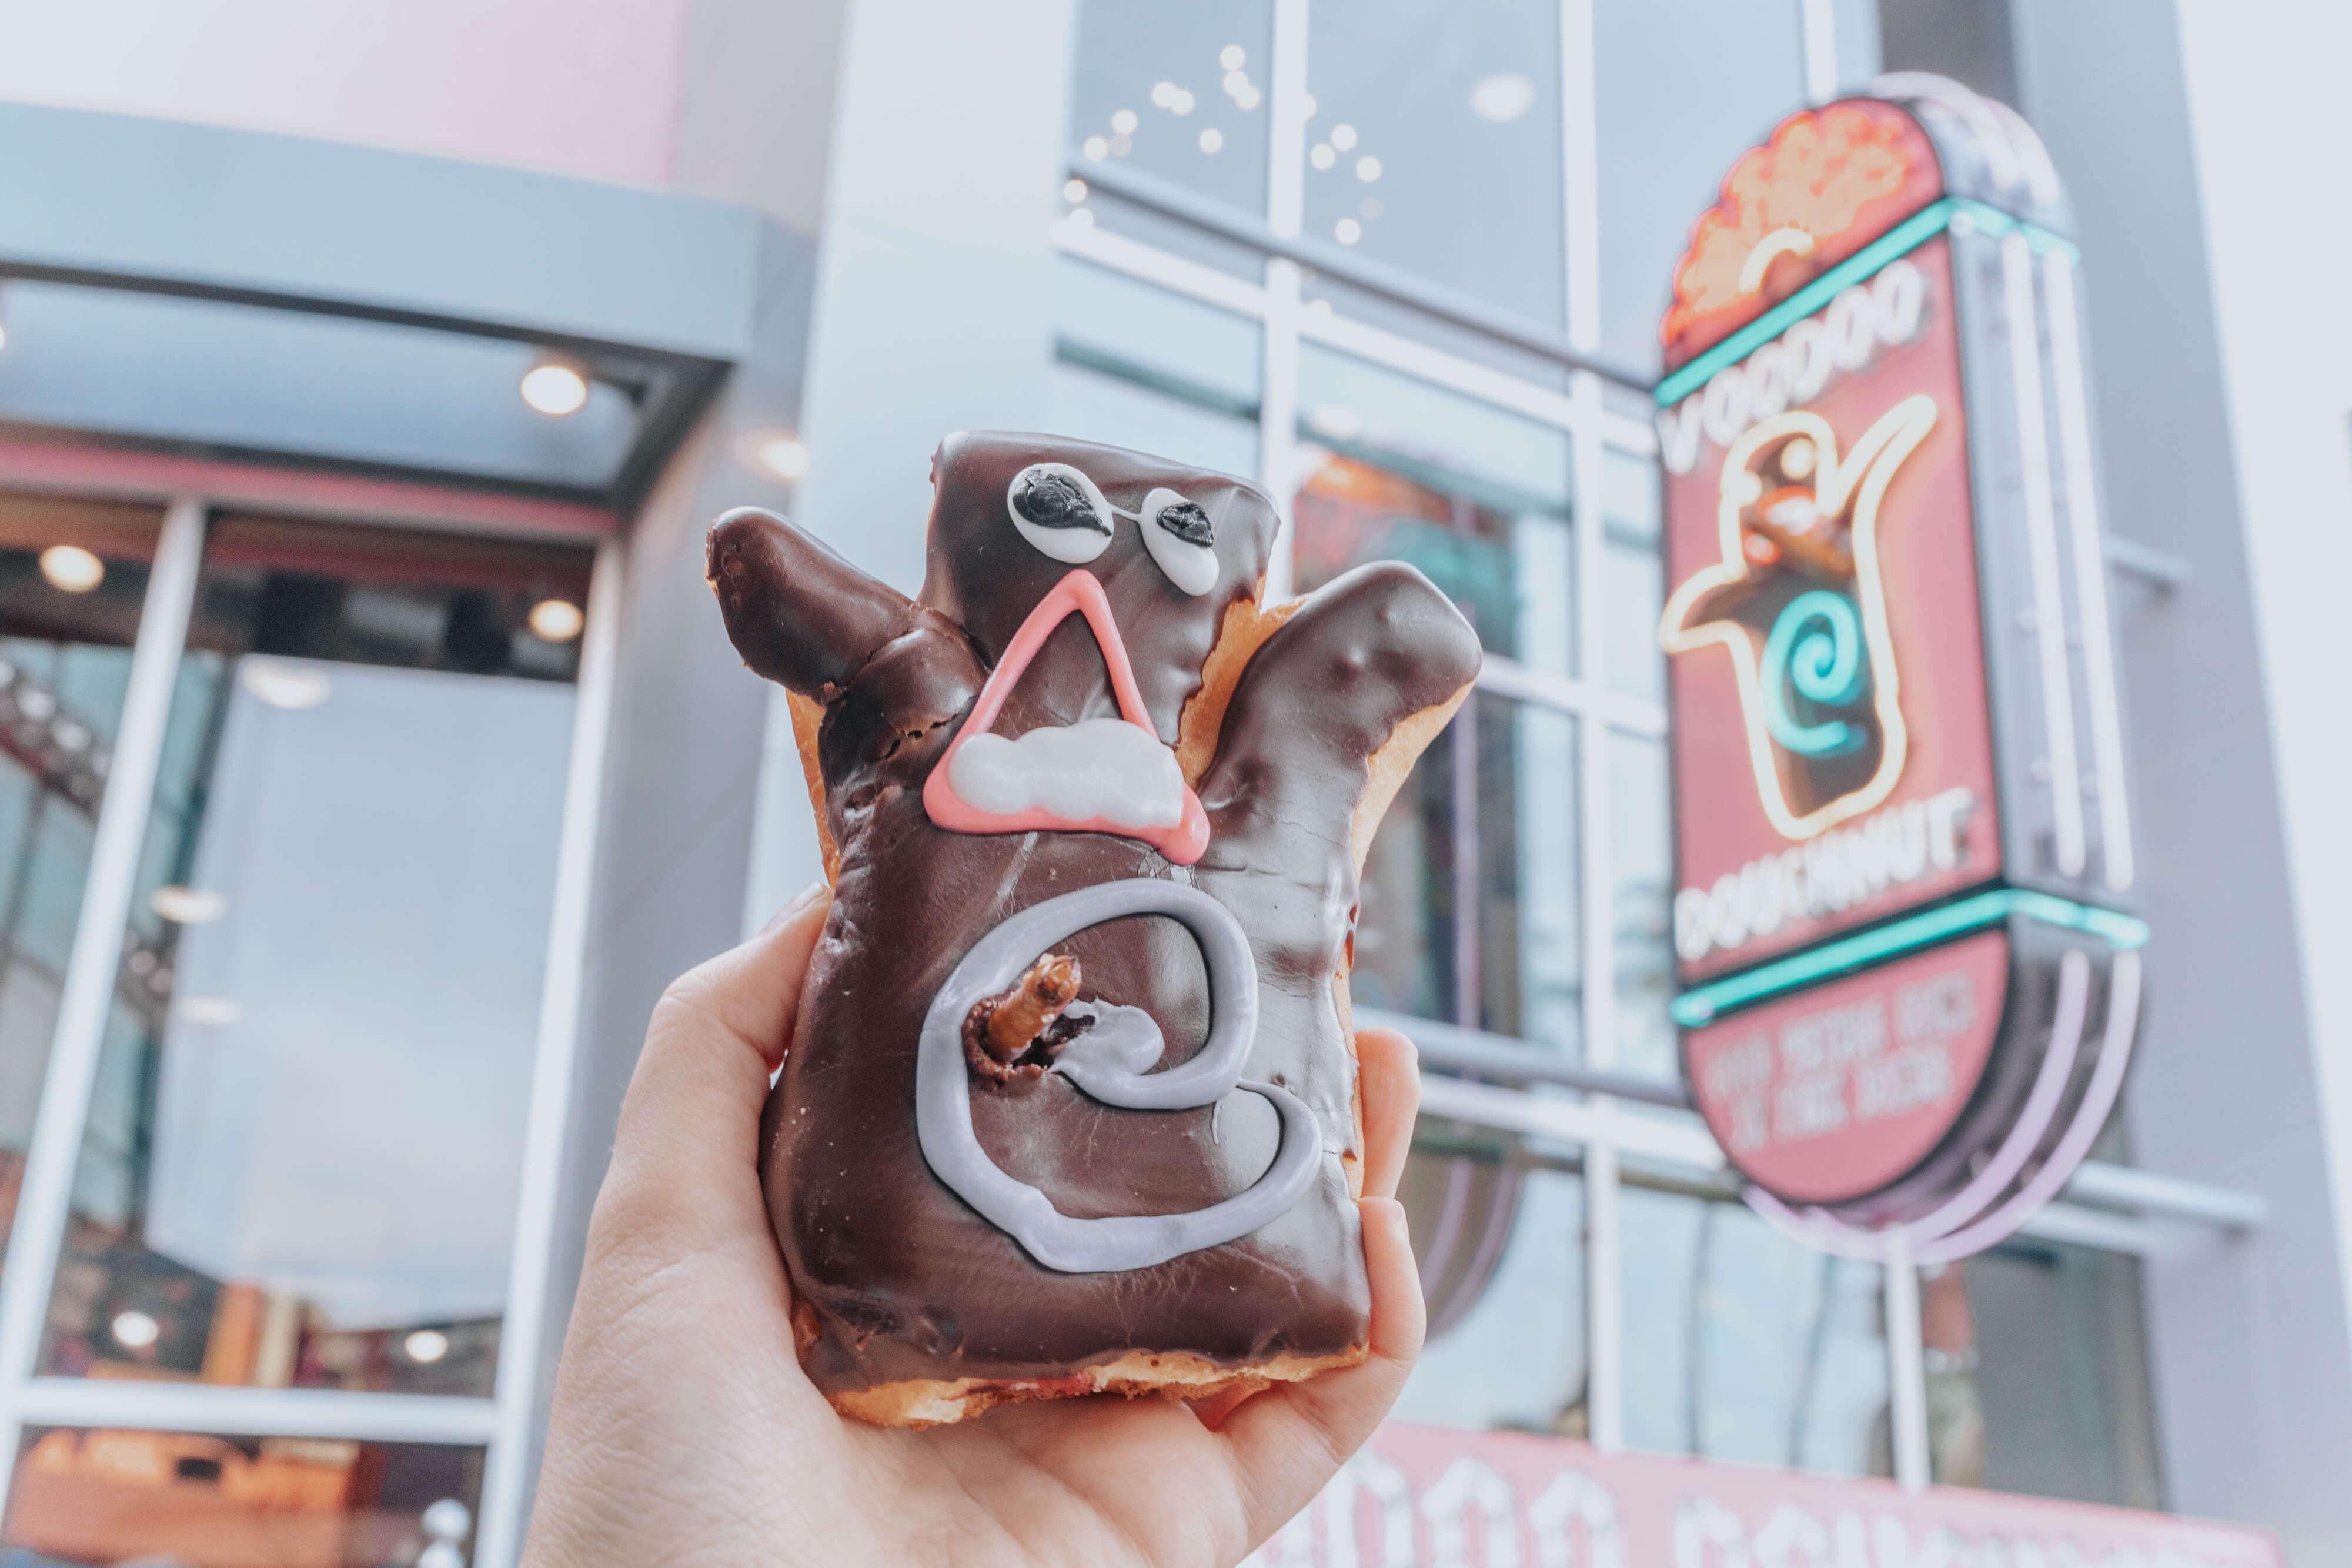 Voodoo Doll Doughnut from Universal Studios Orlando CityWalk